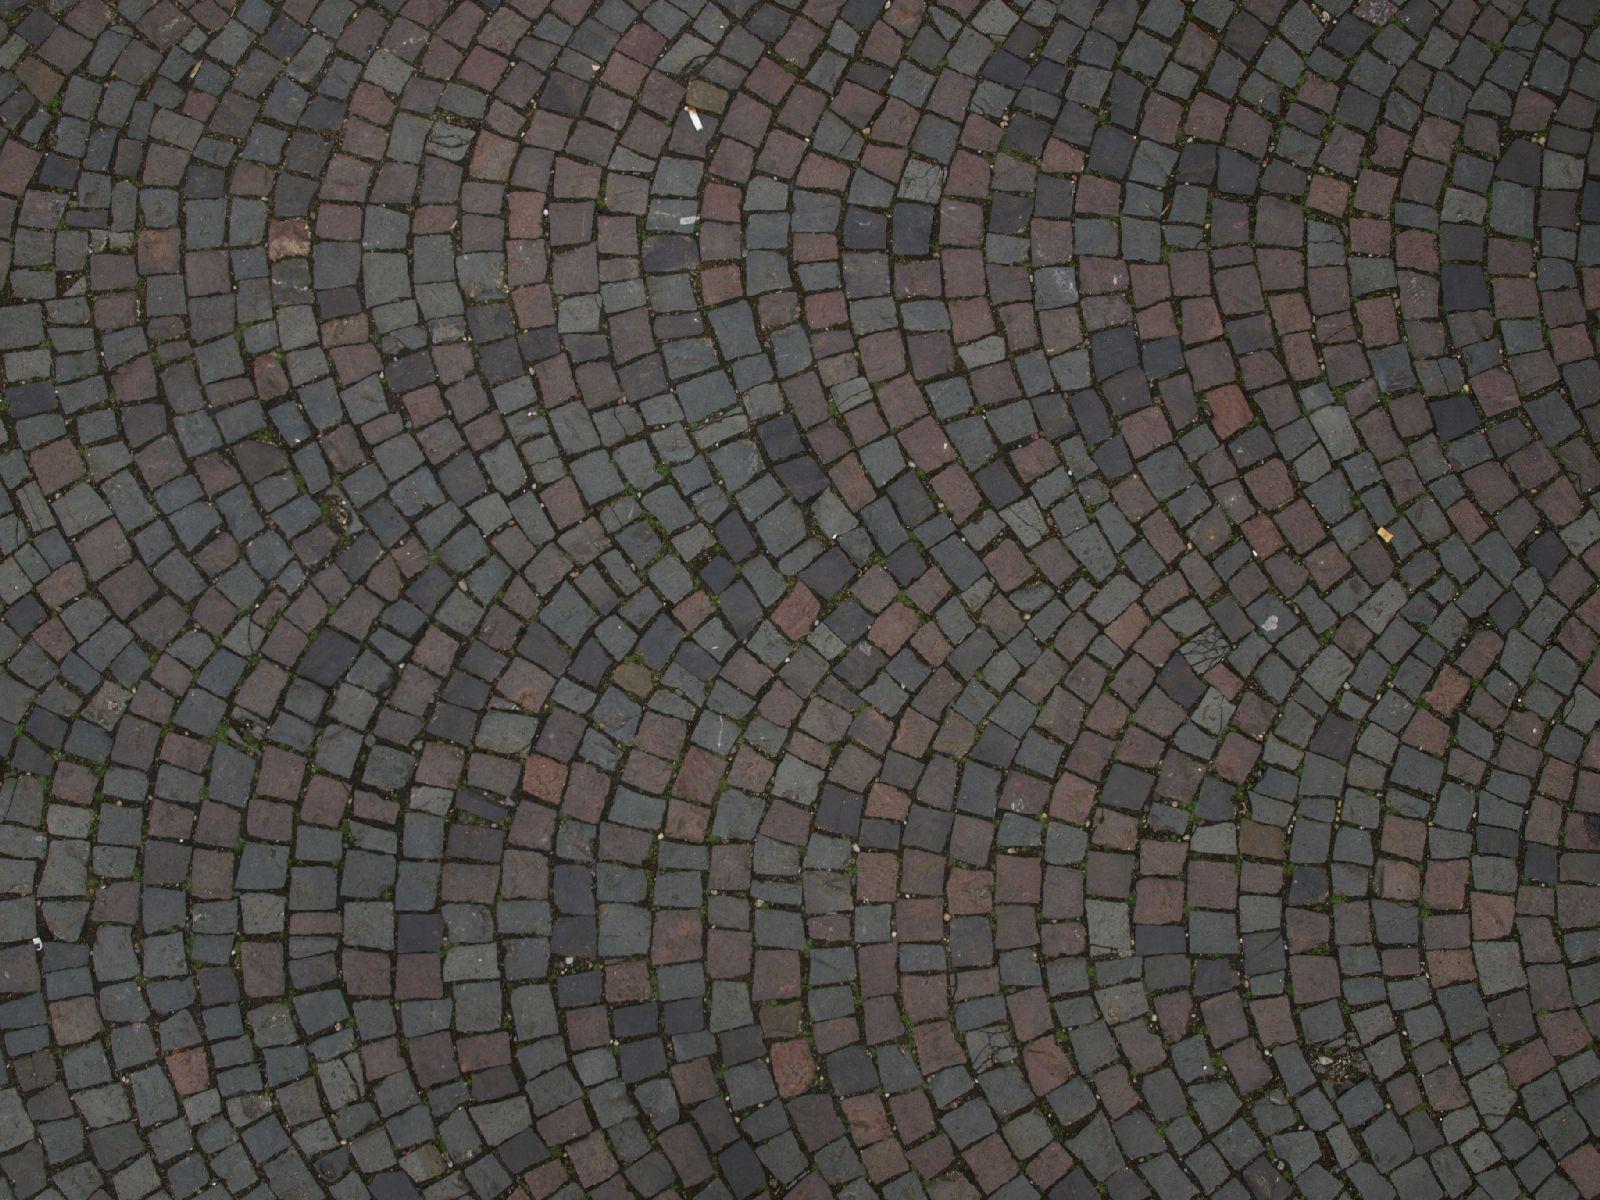 Boden-Gehweg-Strasse-Buergersteig-Textur_A_P4090276